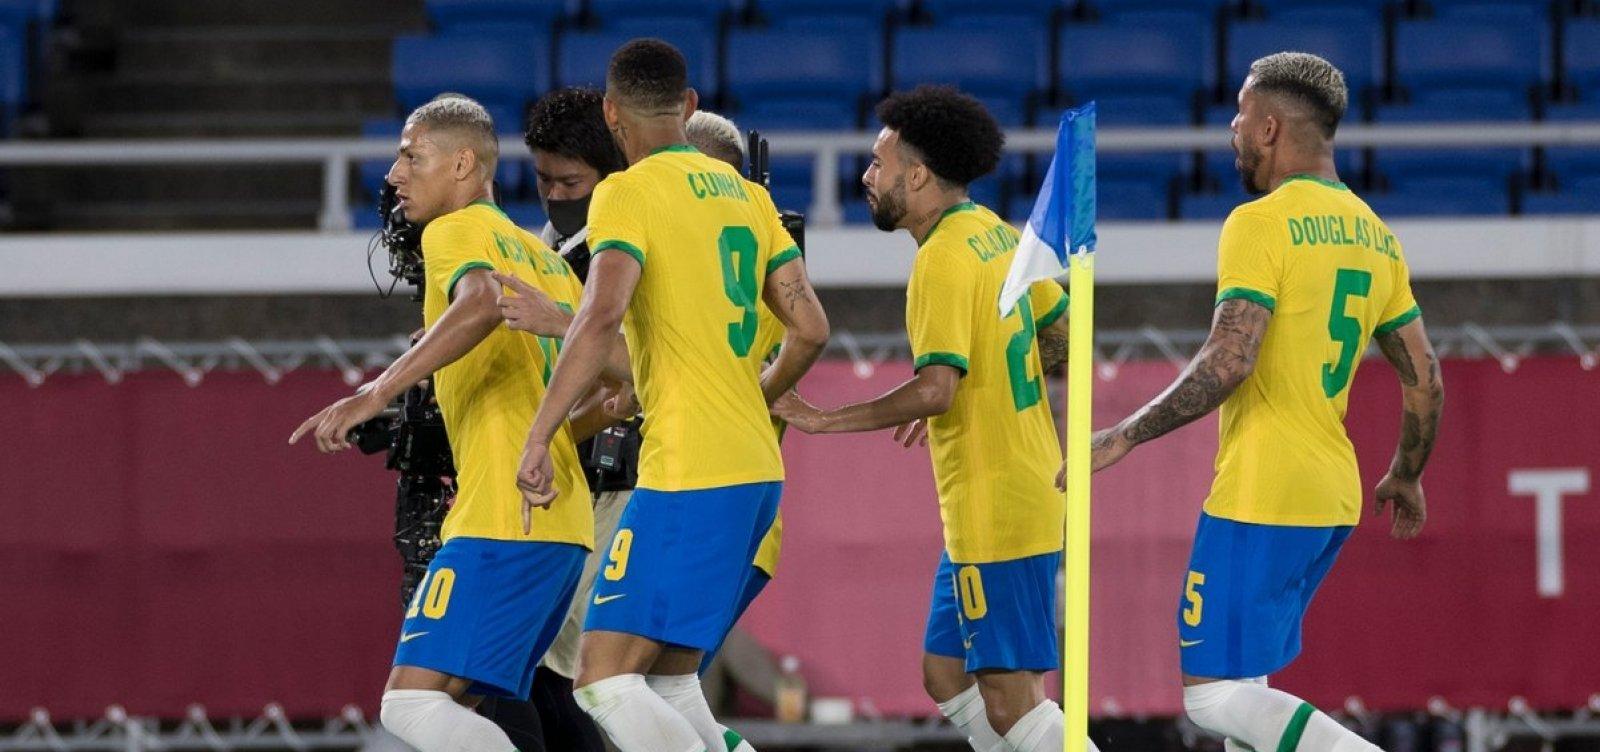 Transmissão olímpica deste sábado tem a Seleção de futebol tentando avançar para a semifinal